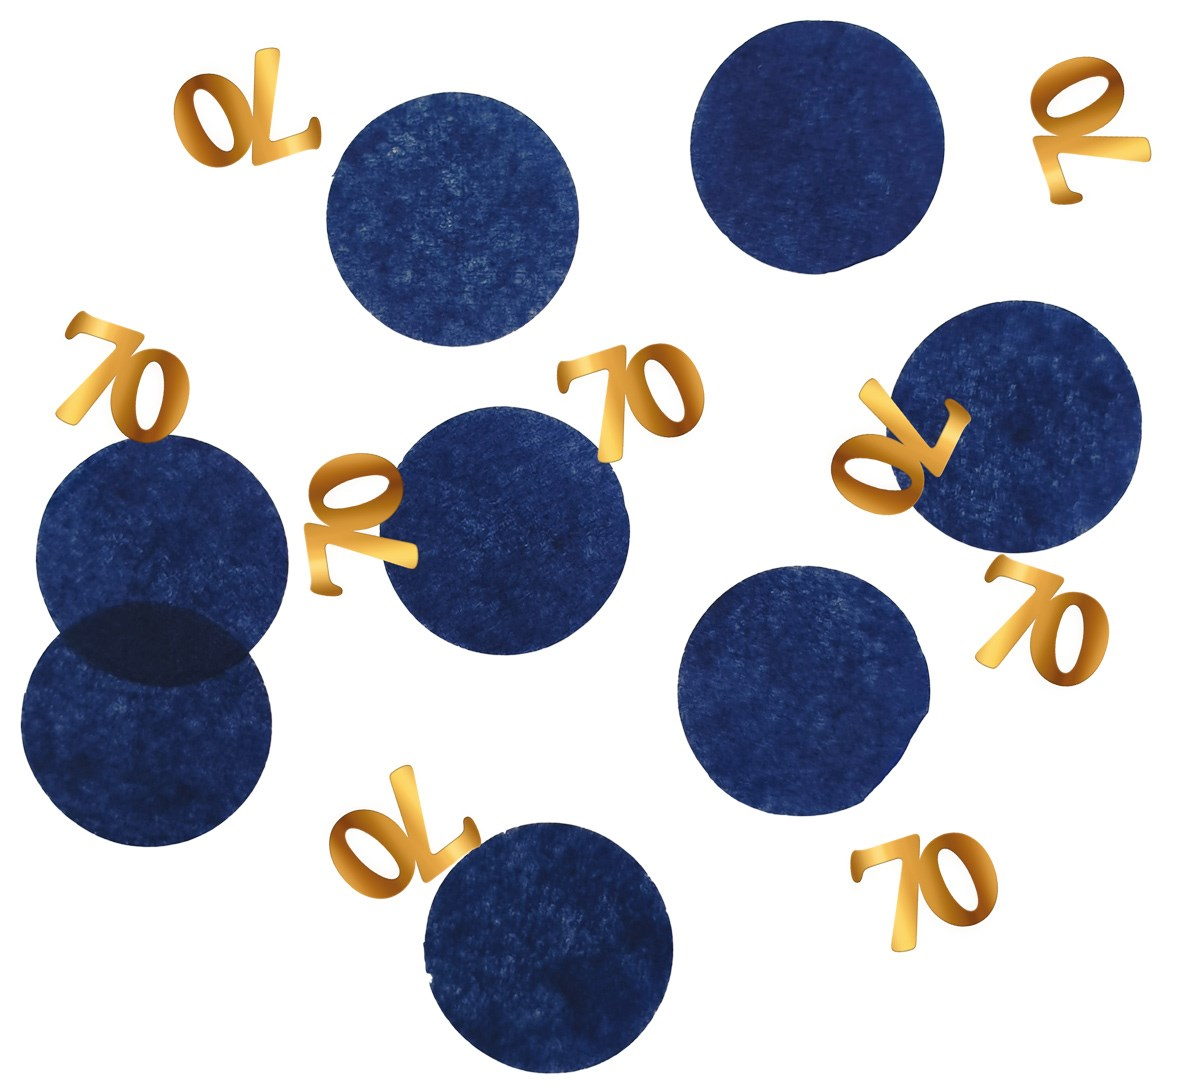 Tabledeco/confetti 70 Year Elegant True Blue 25gr 1